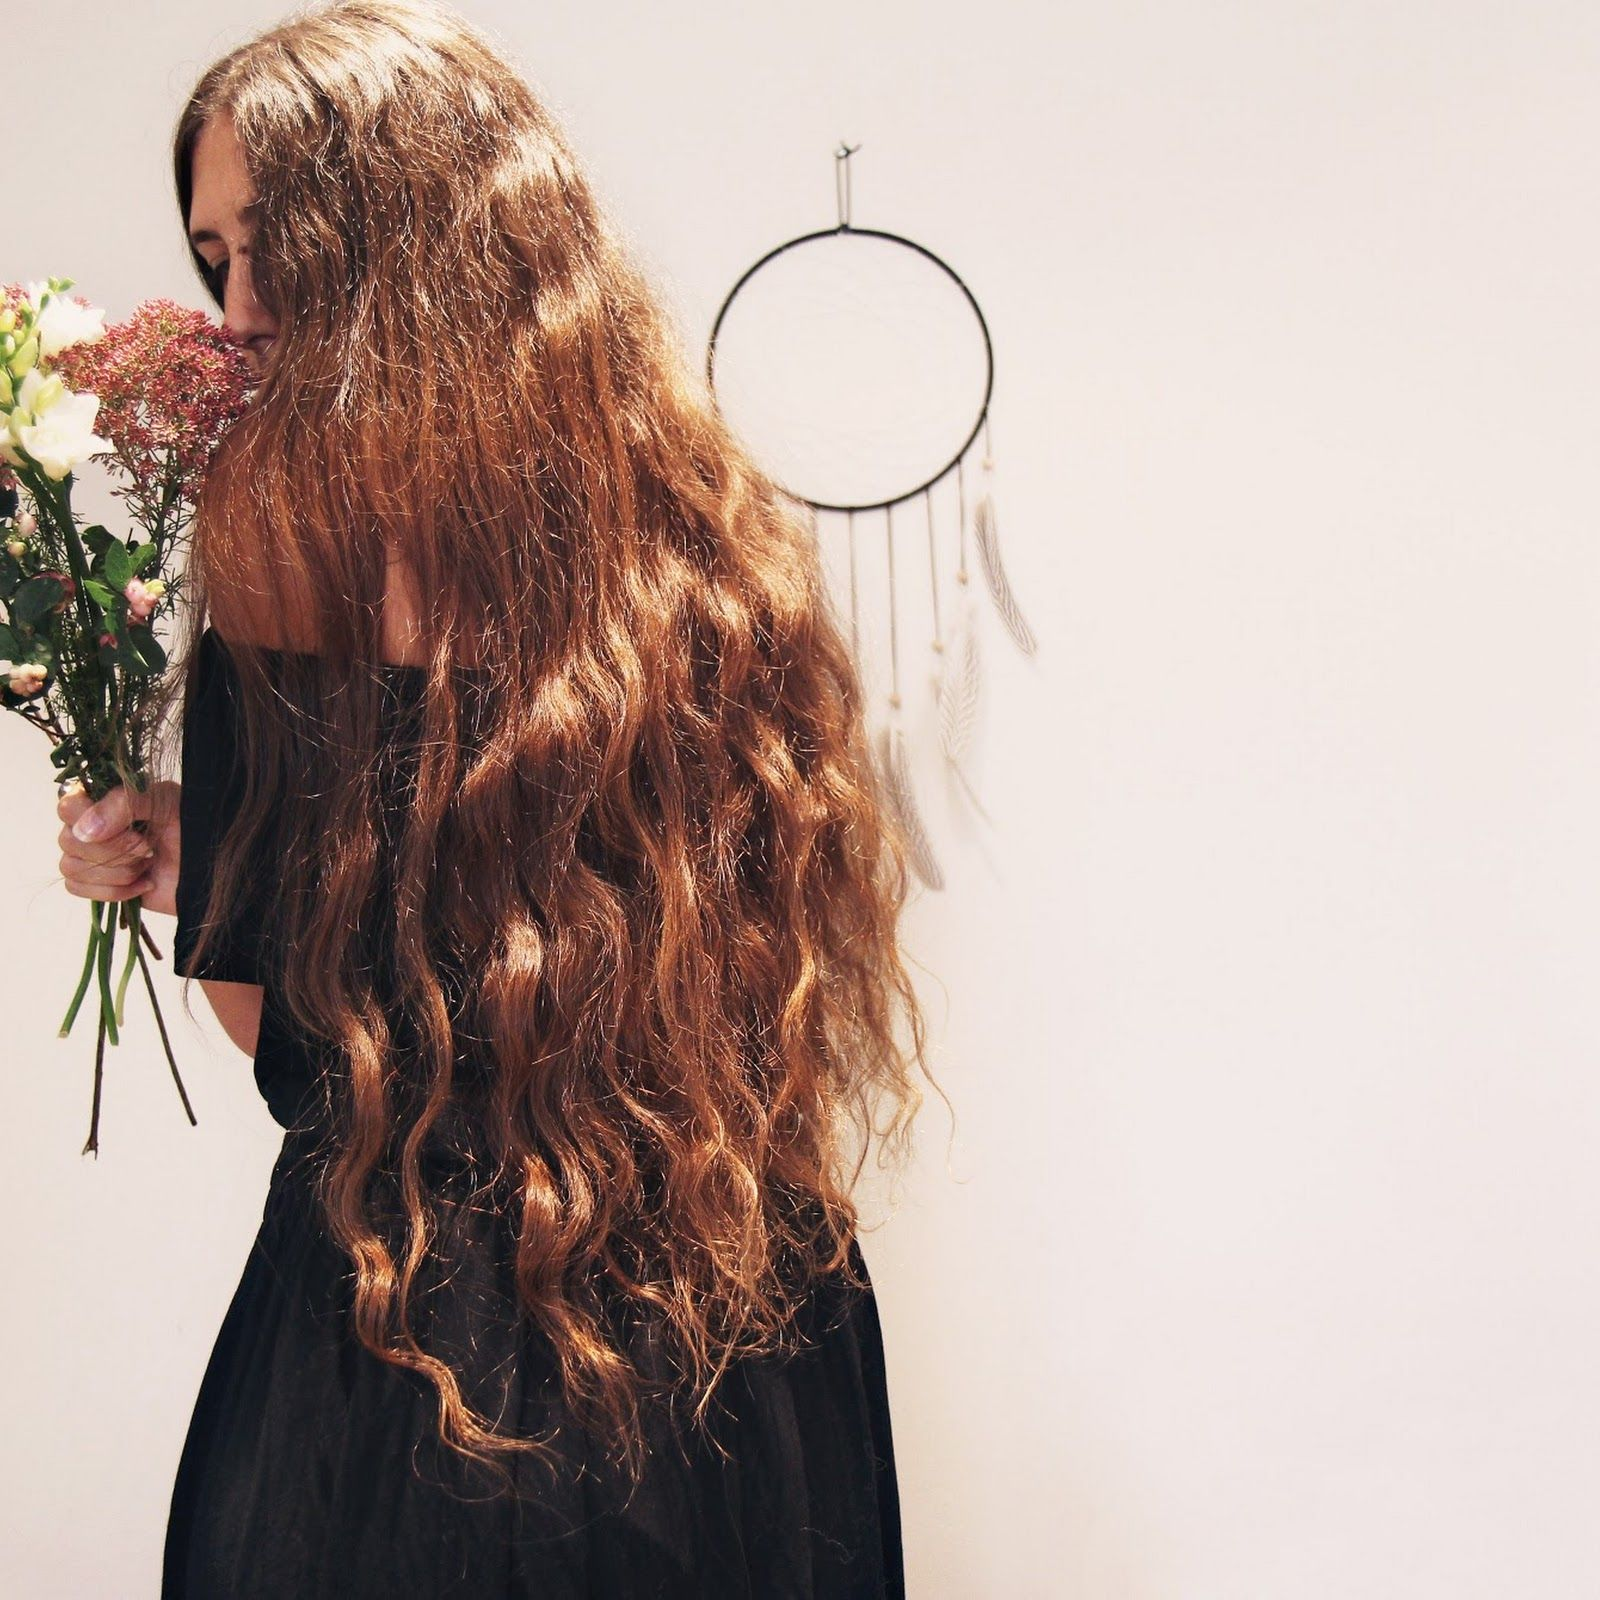 Recette naturelle pour laver les cheveux